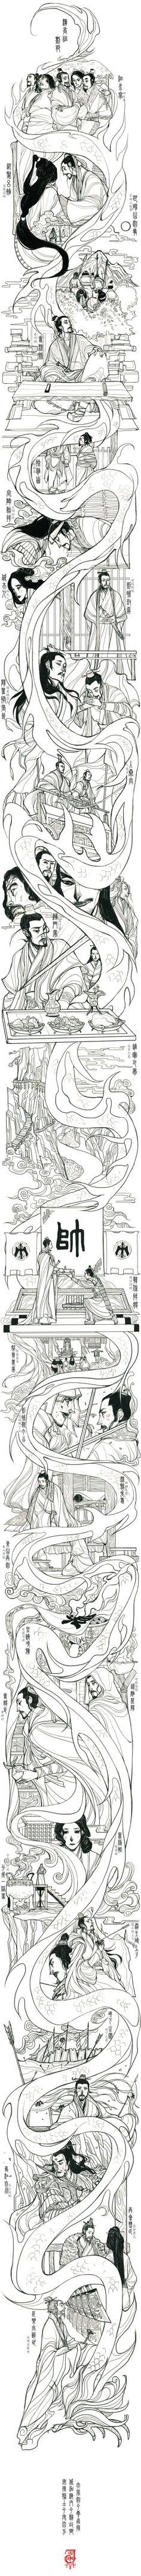 Legend of Chu and Han -  LiuBang by joscomie.deviantart.com on @deviantART